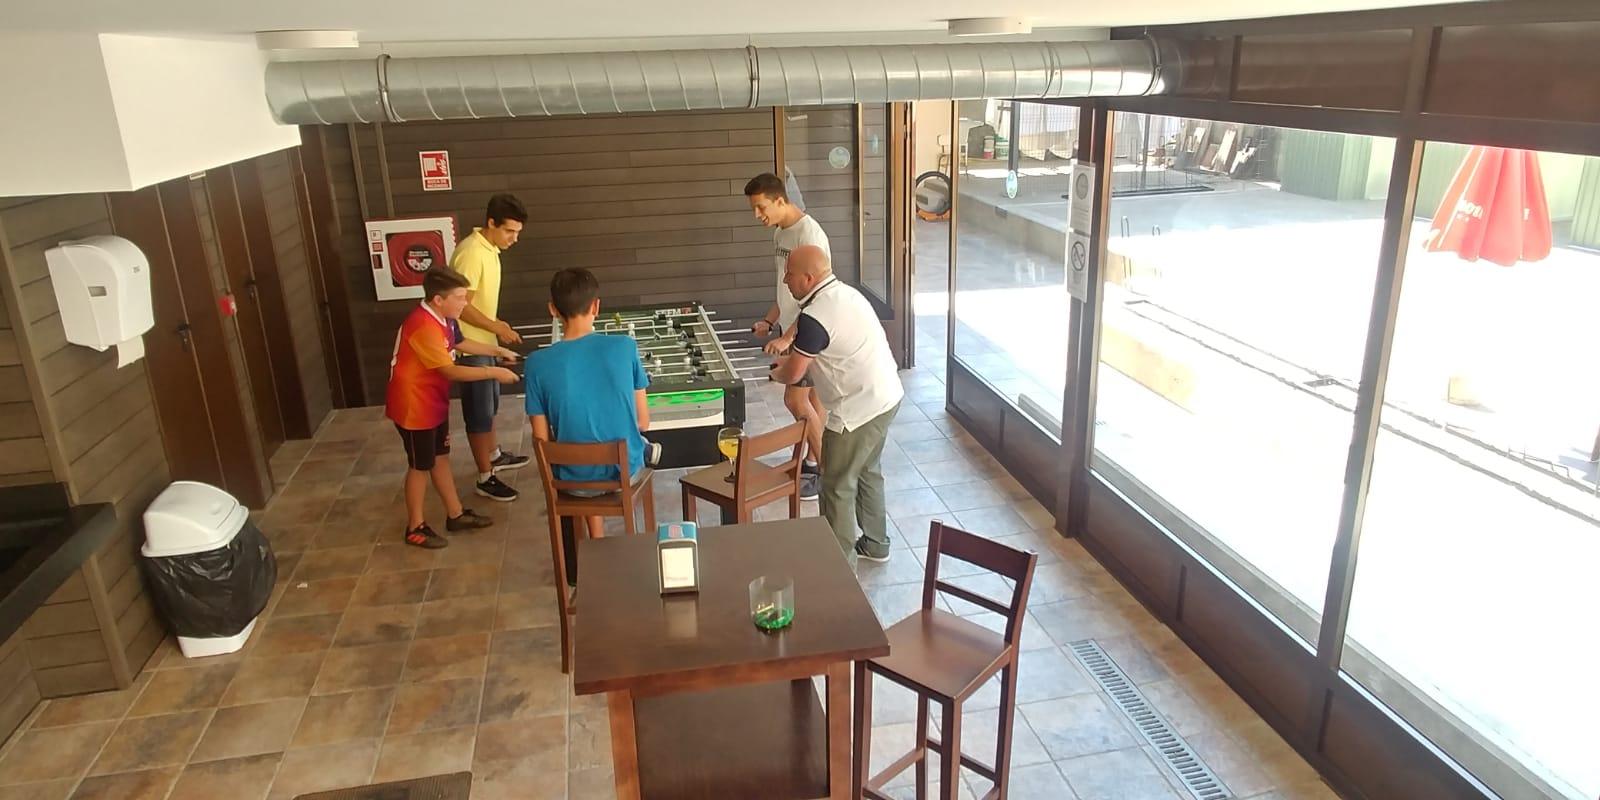 Patio de Juegos - Futbolín y dardos